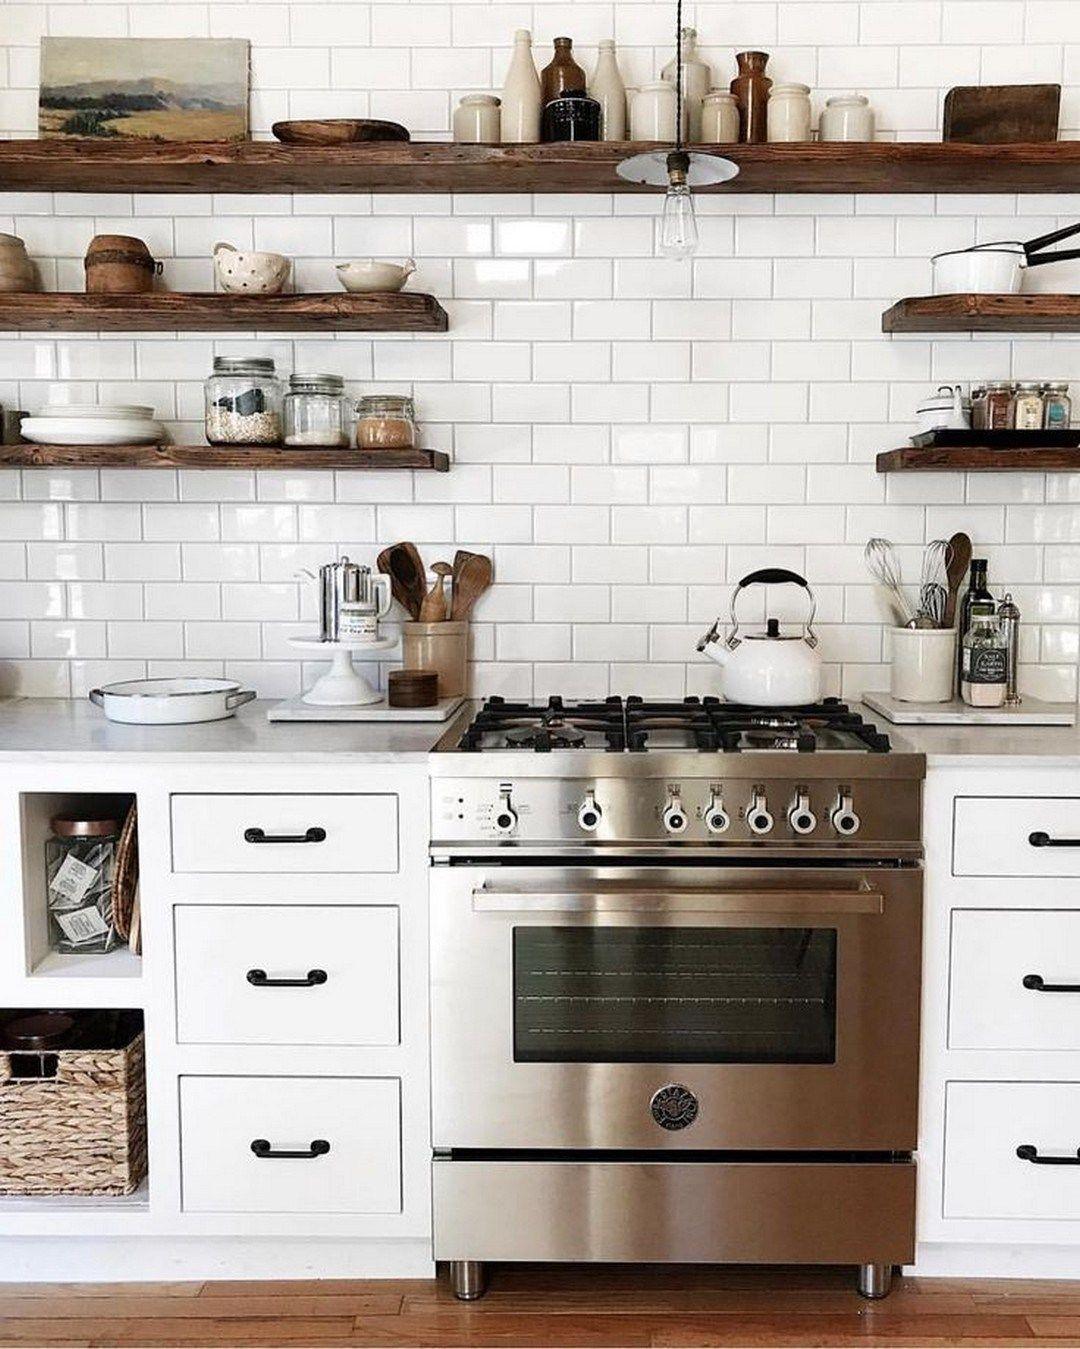 49 kitchen live edge floating shelves kitchen renovation on floating shelves kitchen id=37344